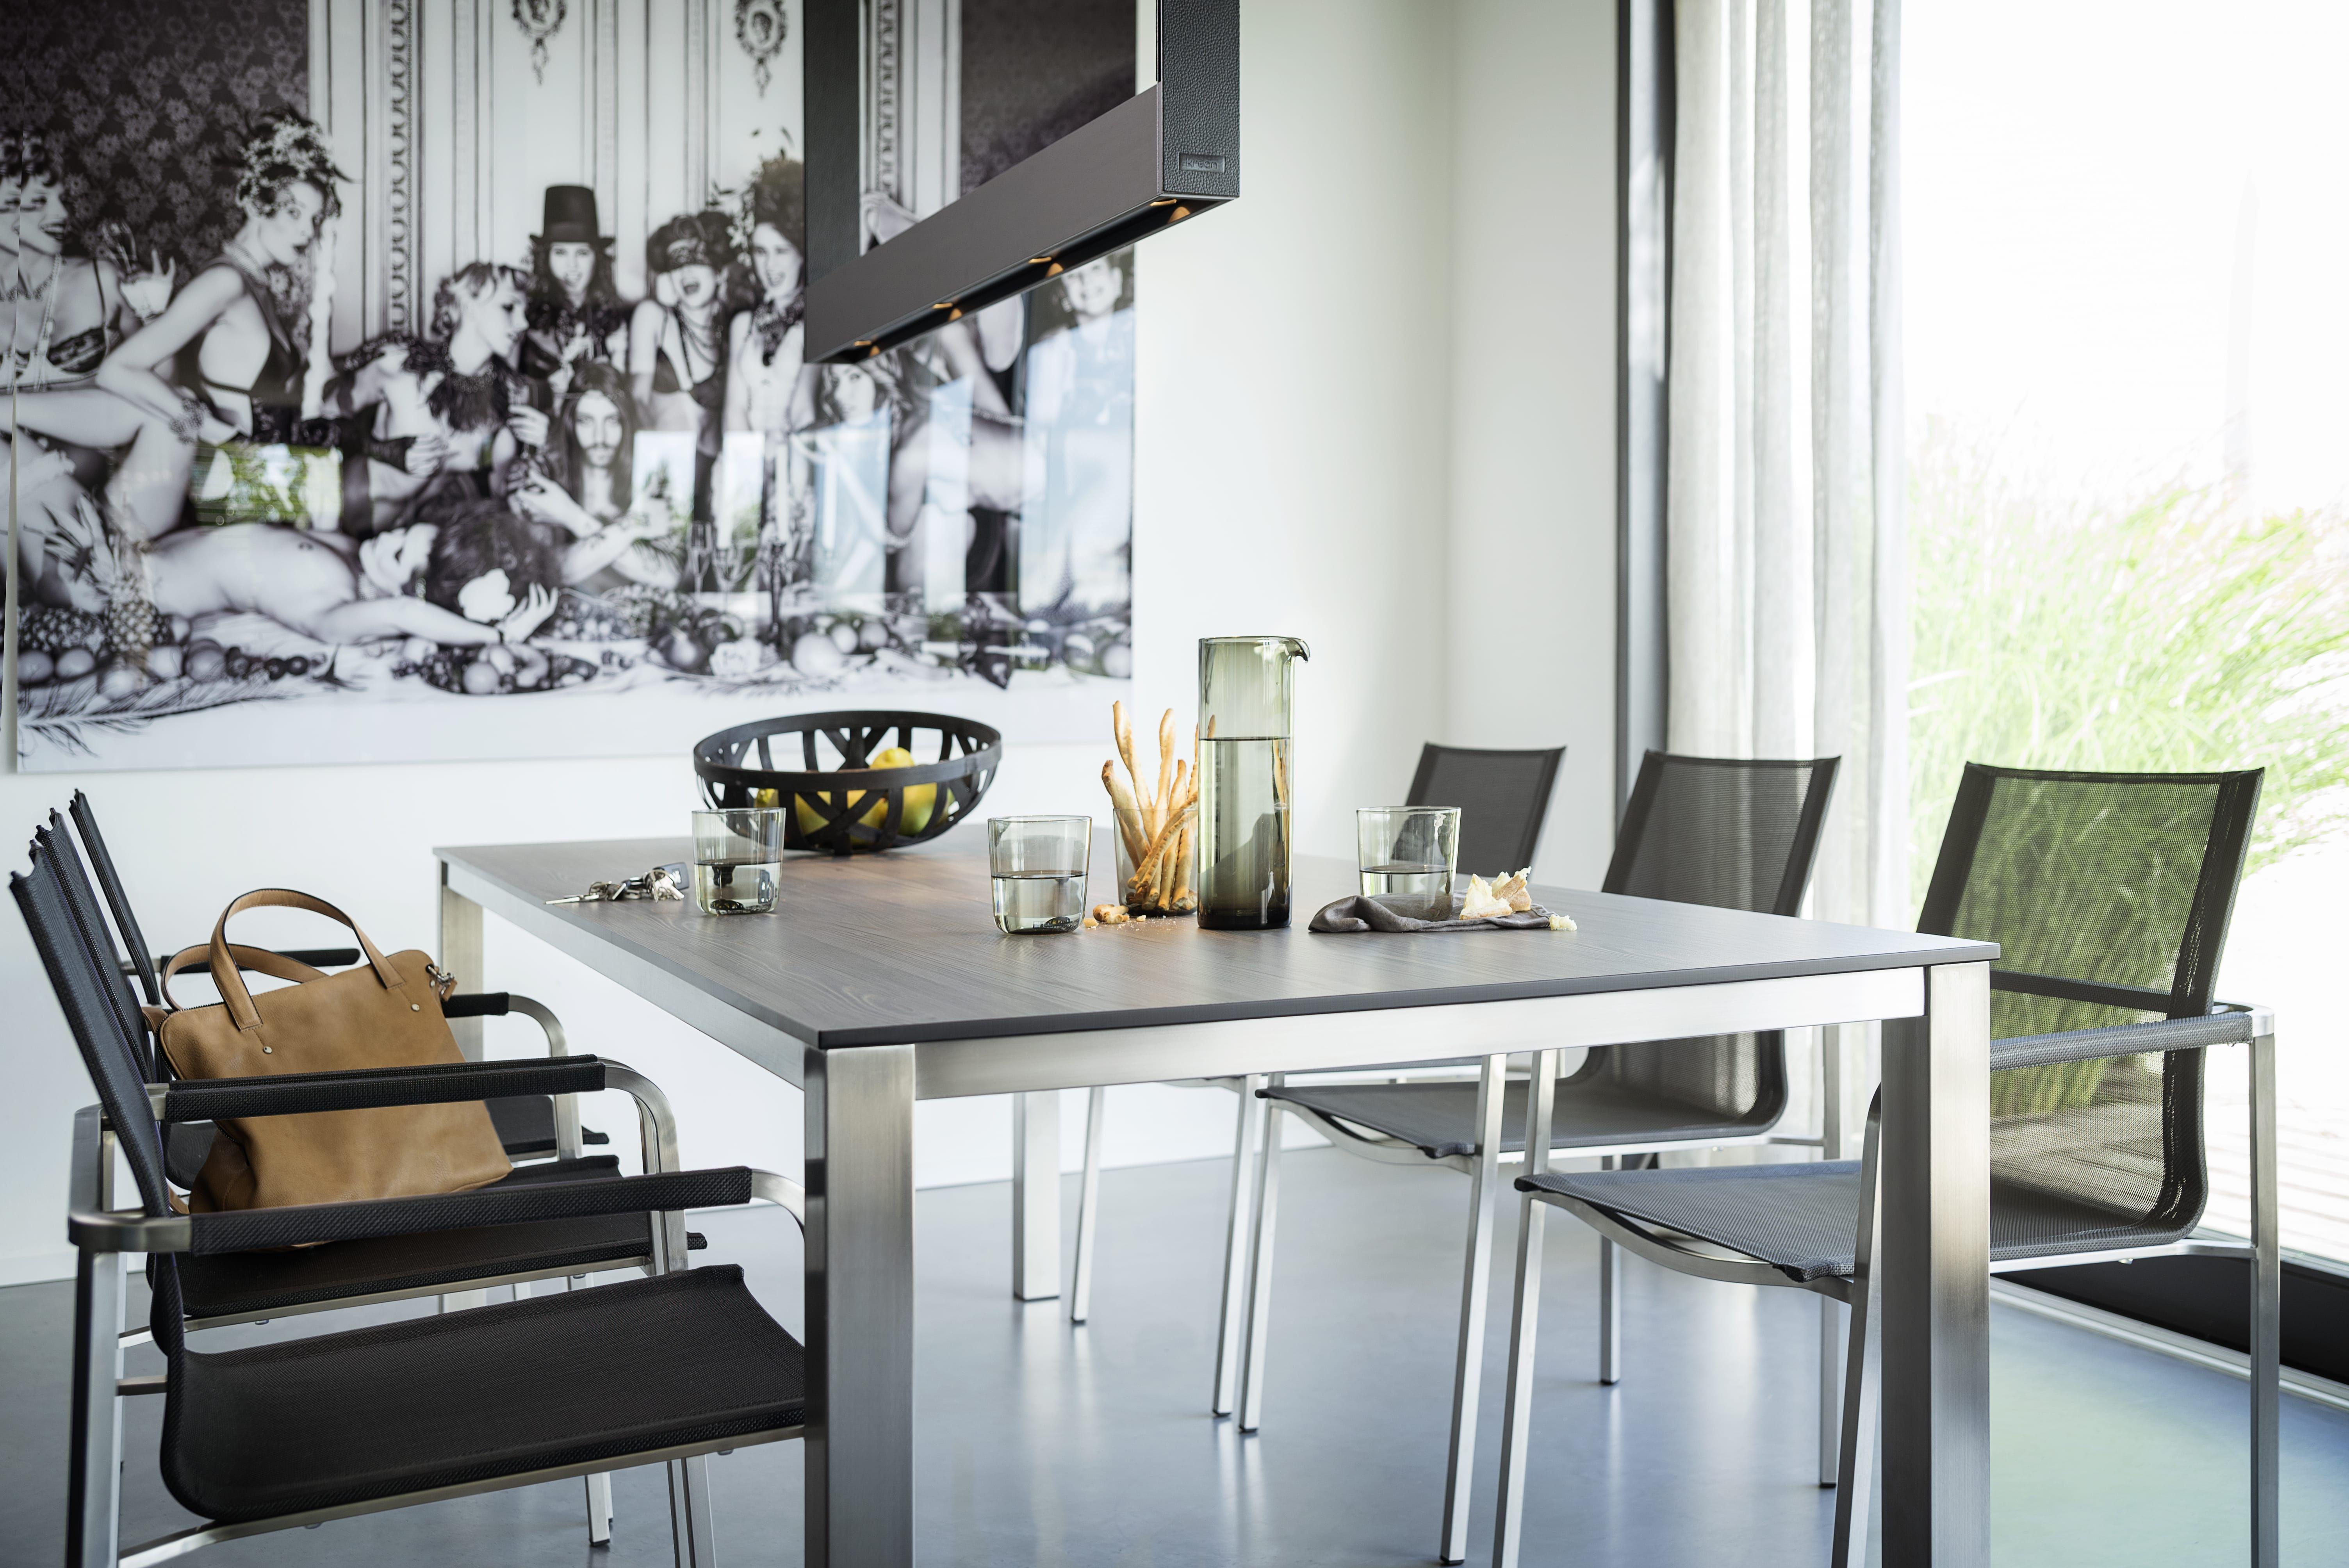 Wohnzimmer Haengematten Pic : Hängematte im wohnzimmer?